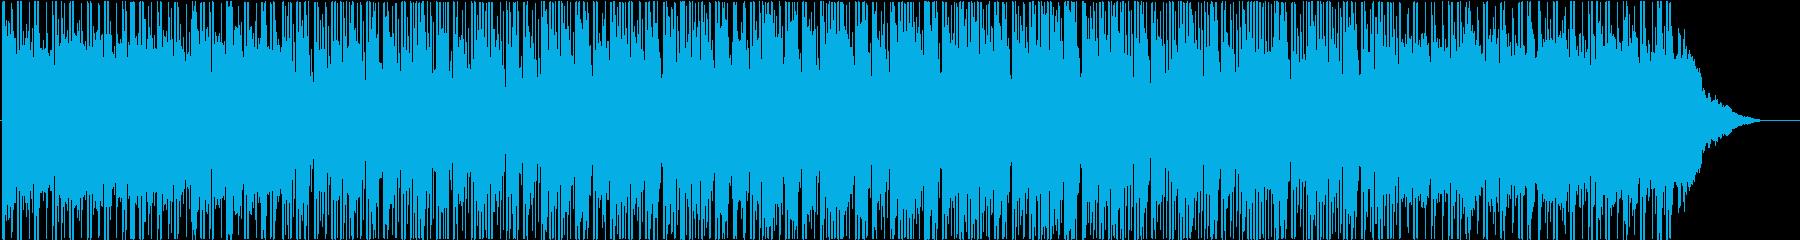 ポジティブ、ヒップホップ、背景の再生済みの波形